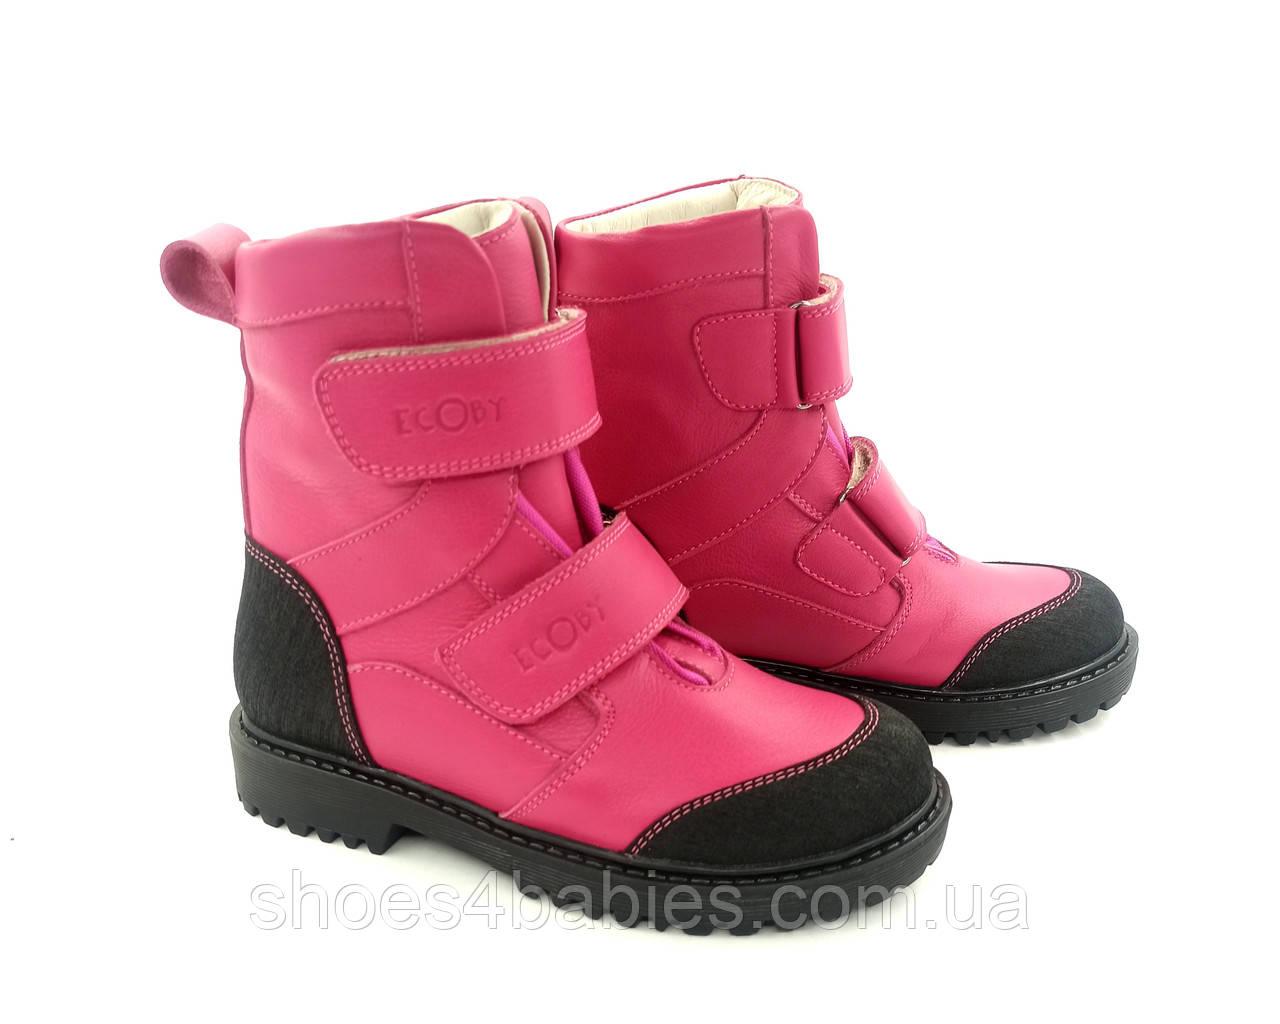 Ортопедические ботинки Ecoby демисезонные для девочки р. 23-40